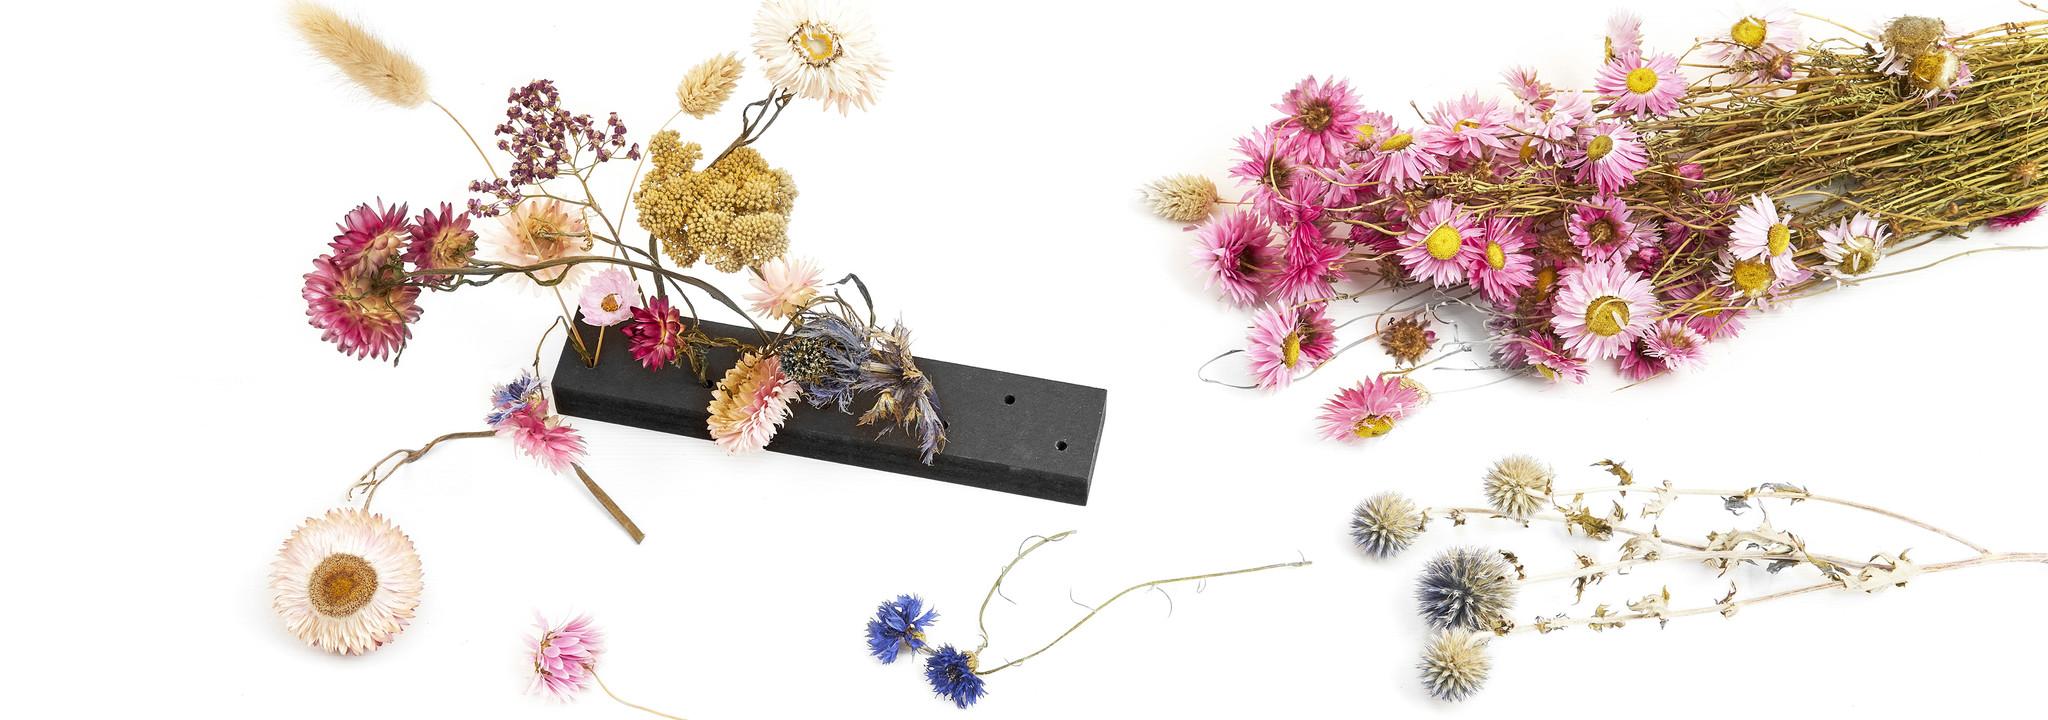 houten droogbloemen standaard